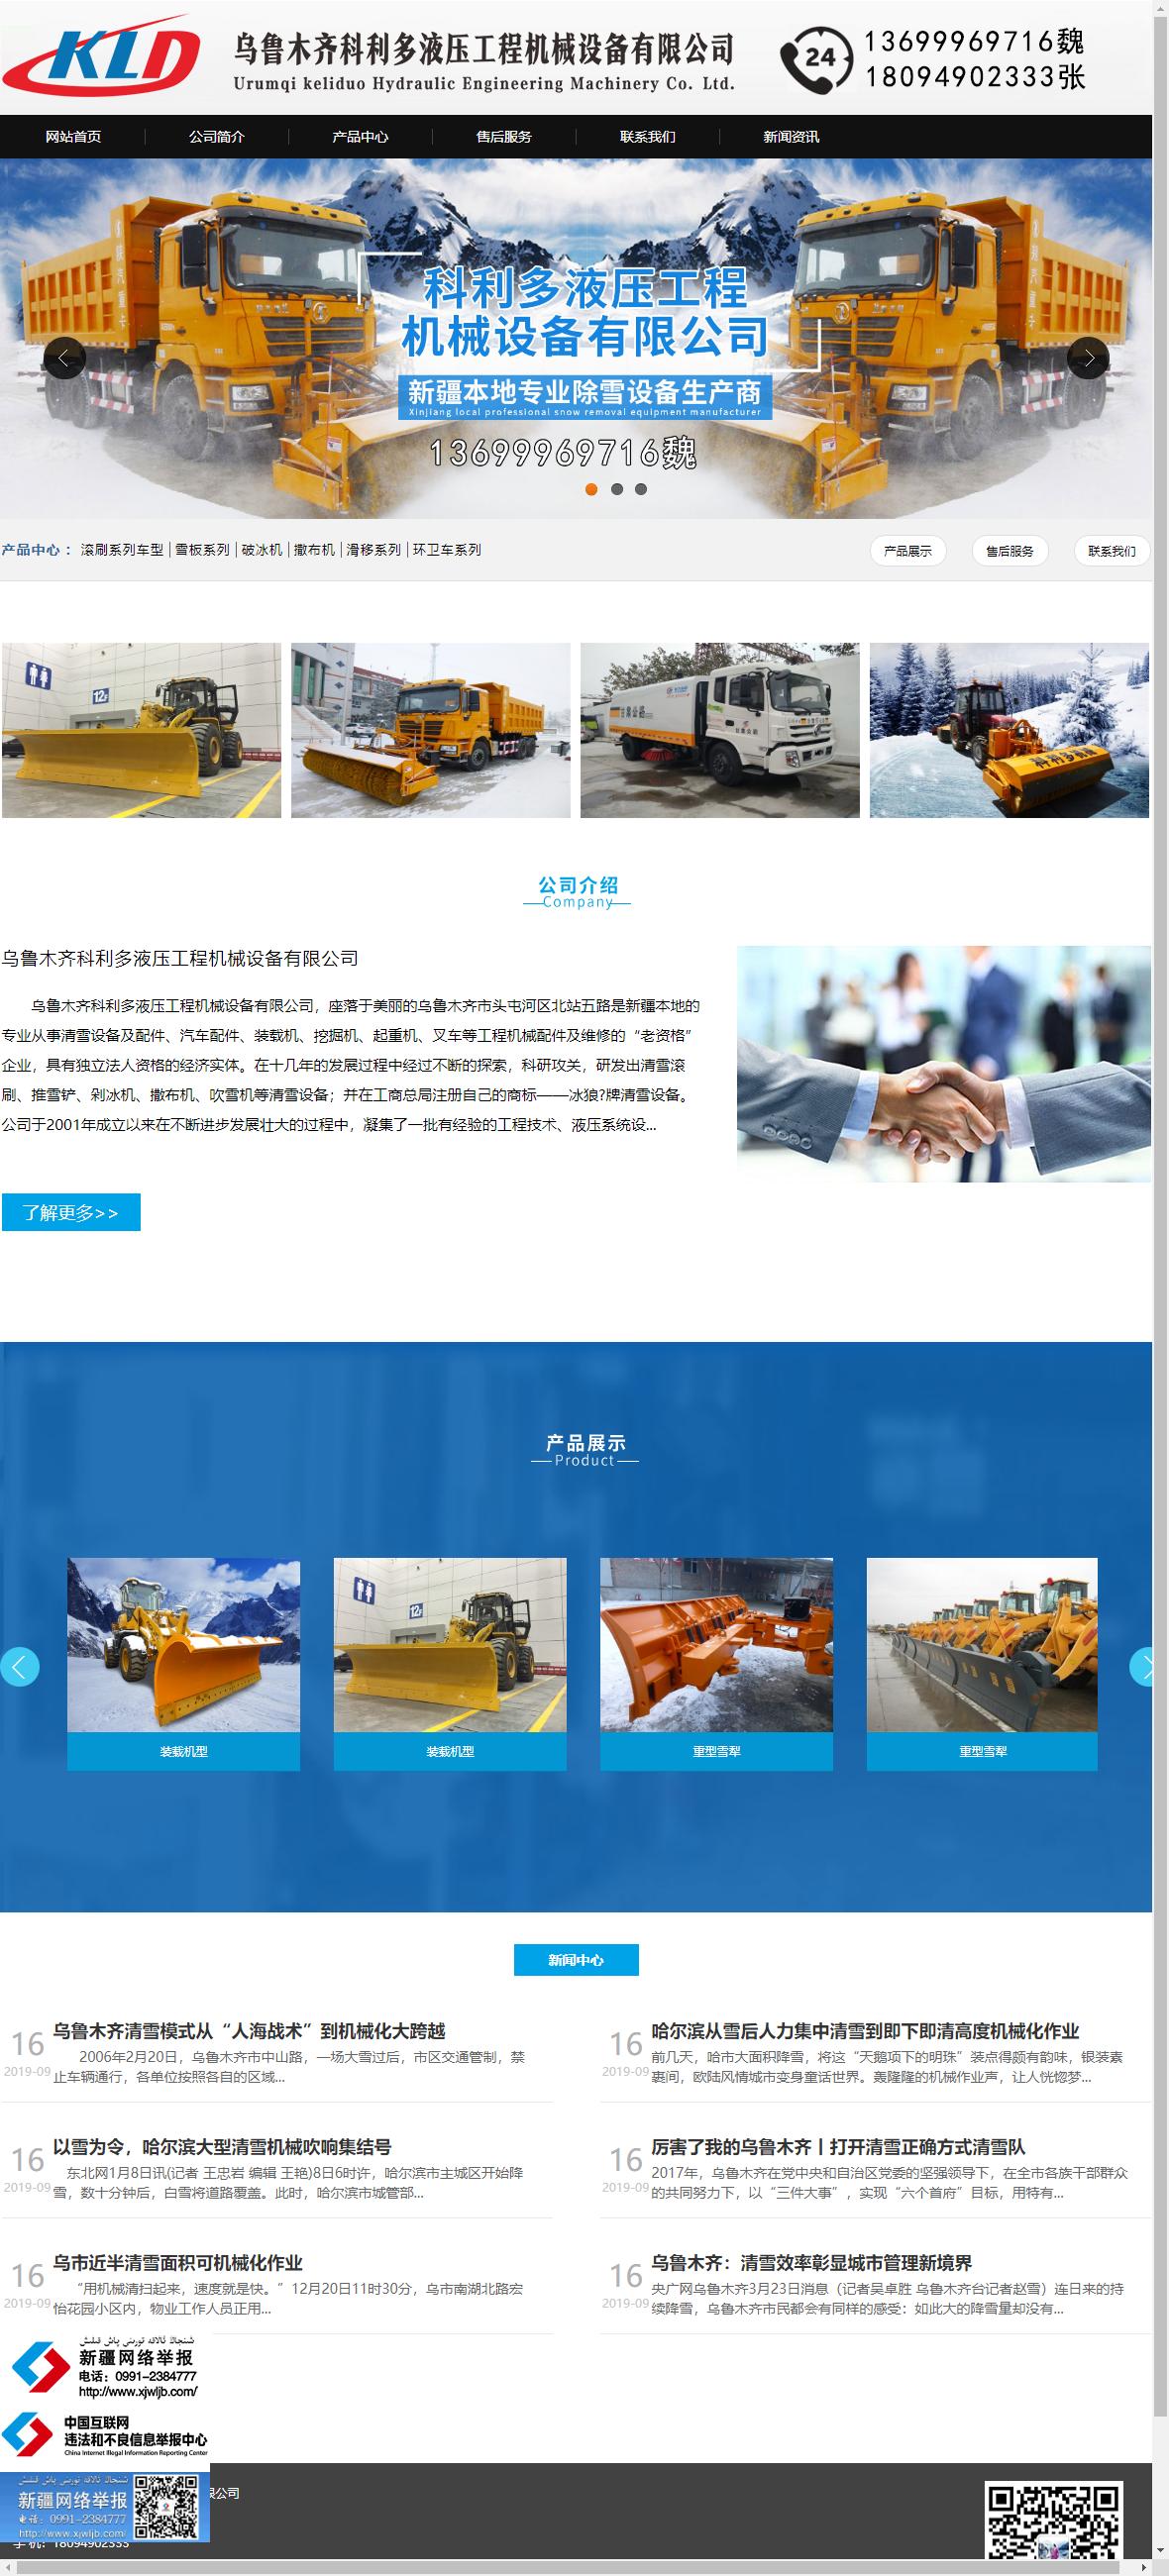 乌鲁木齐科利多液压工程机械设备有限公司网站案例